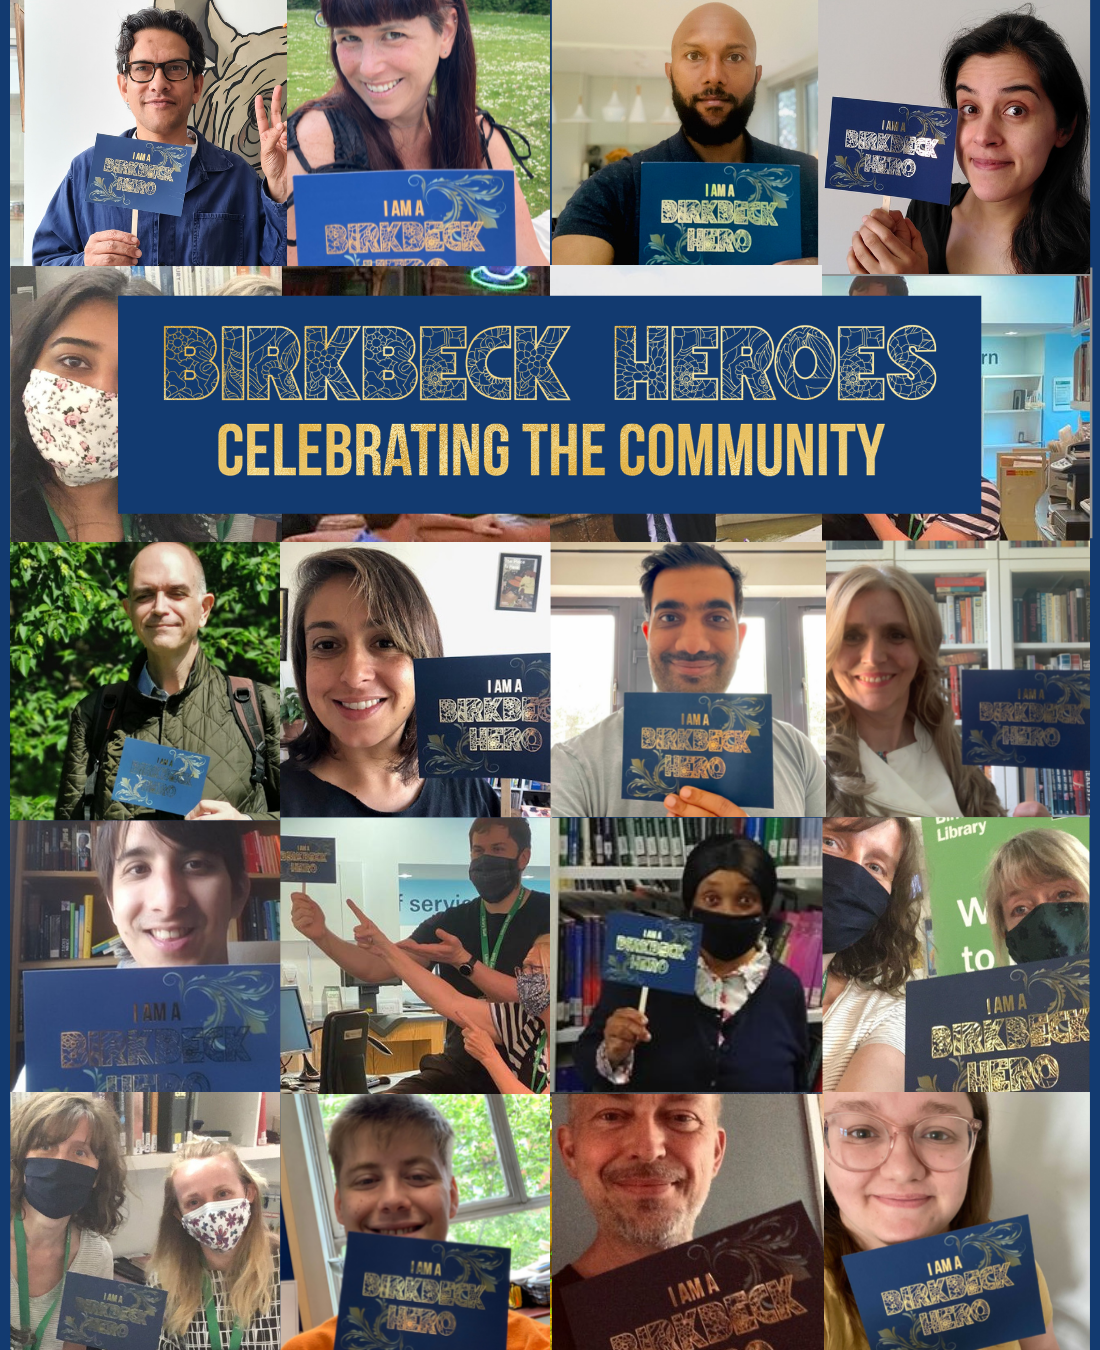 Birkbeck heroes banner 2